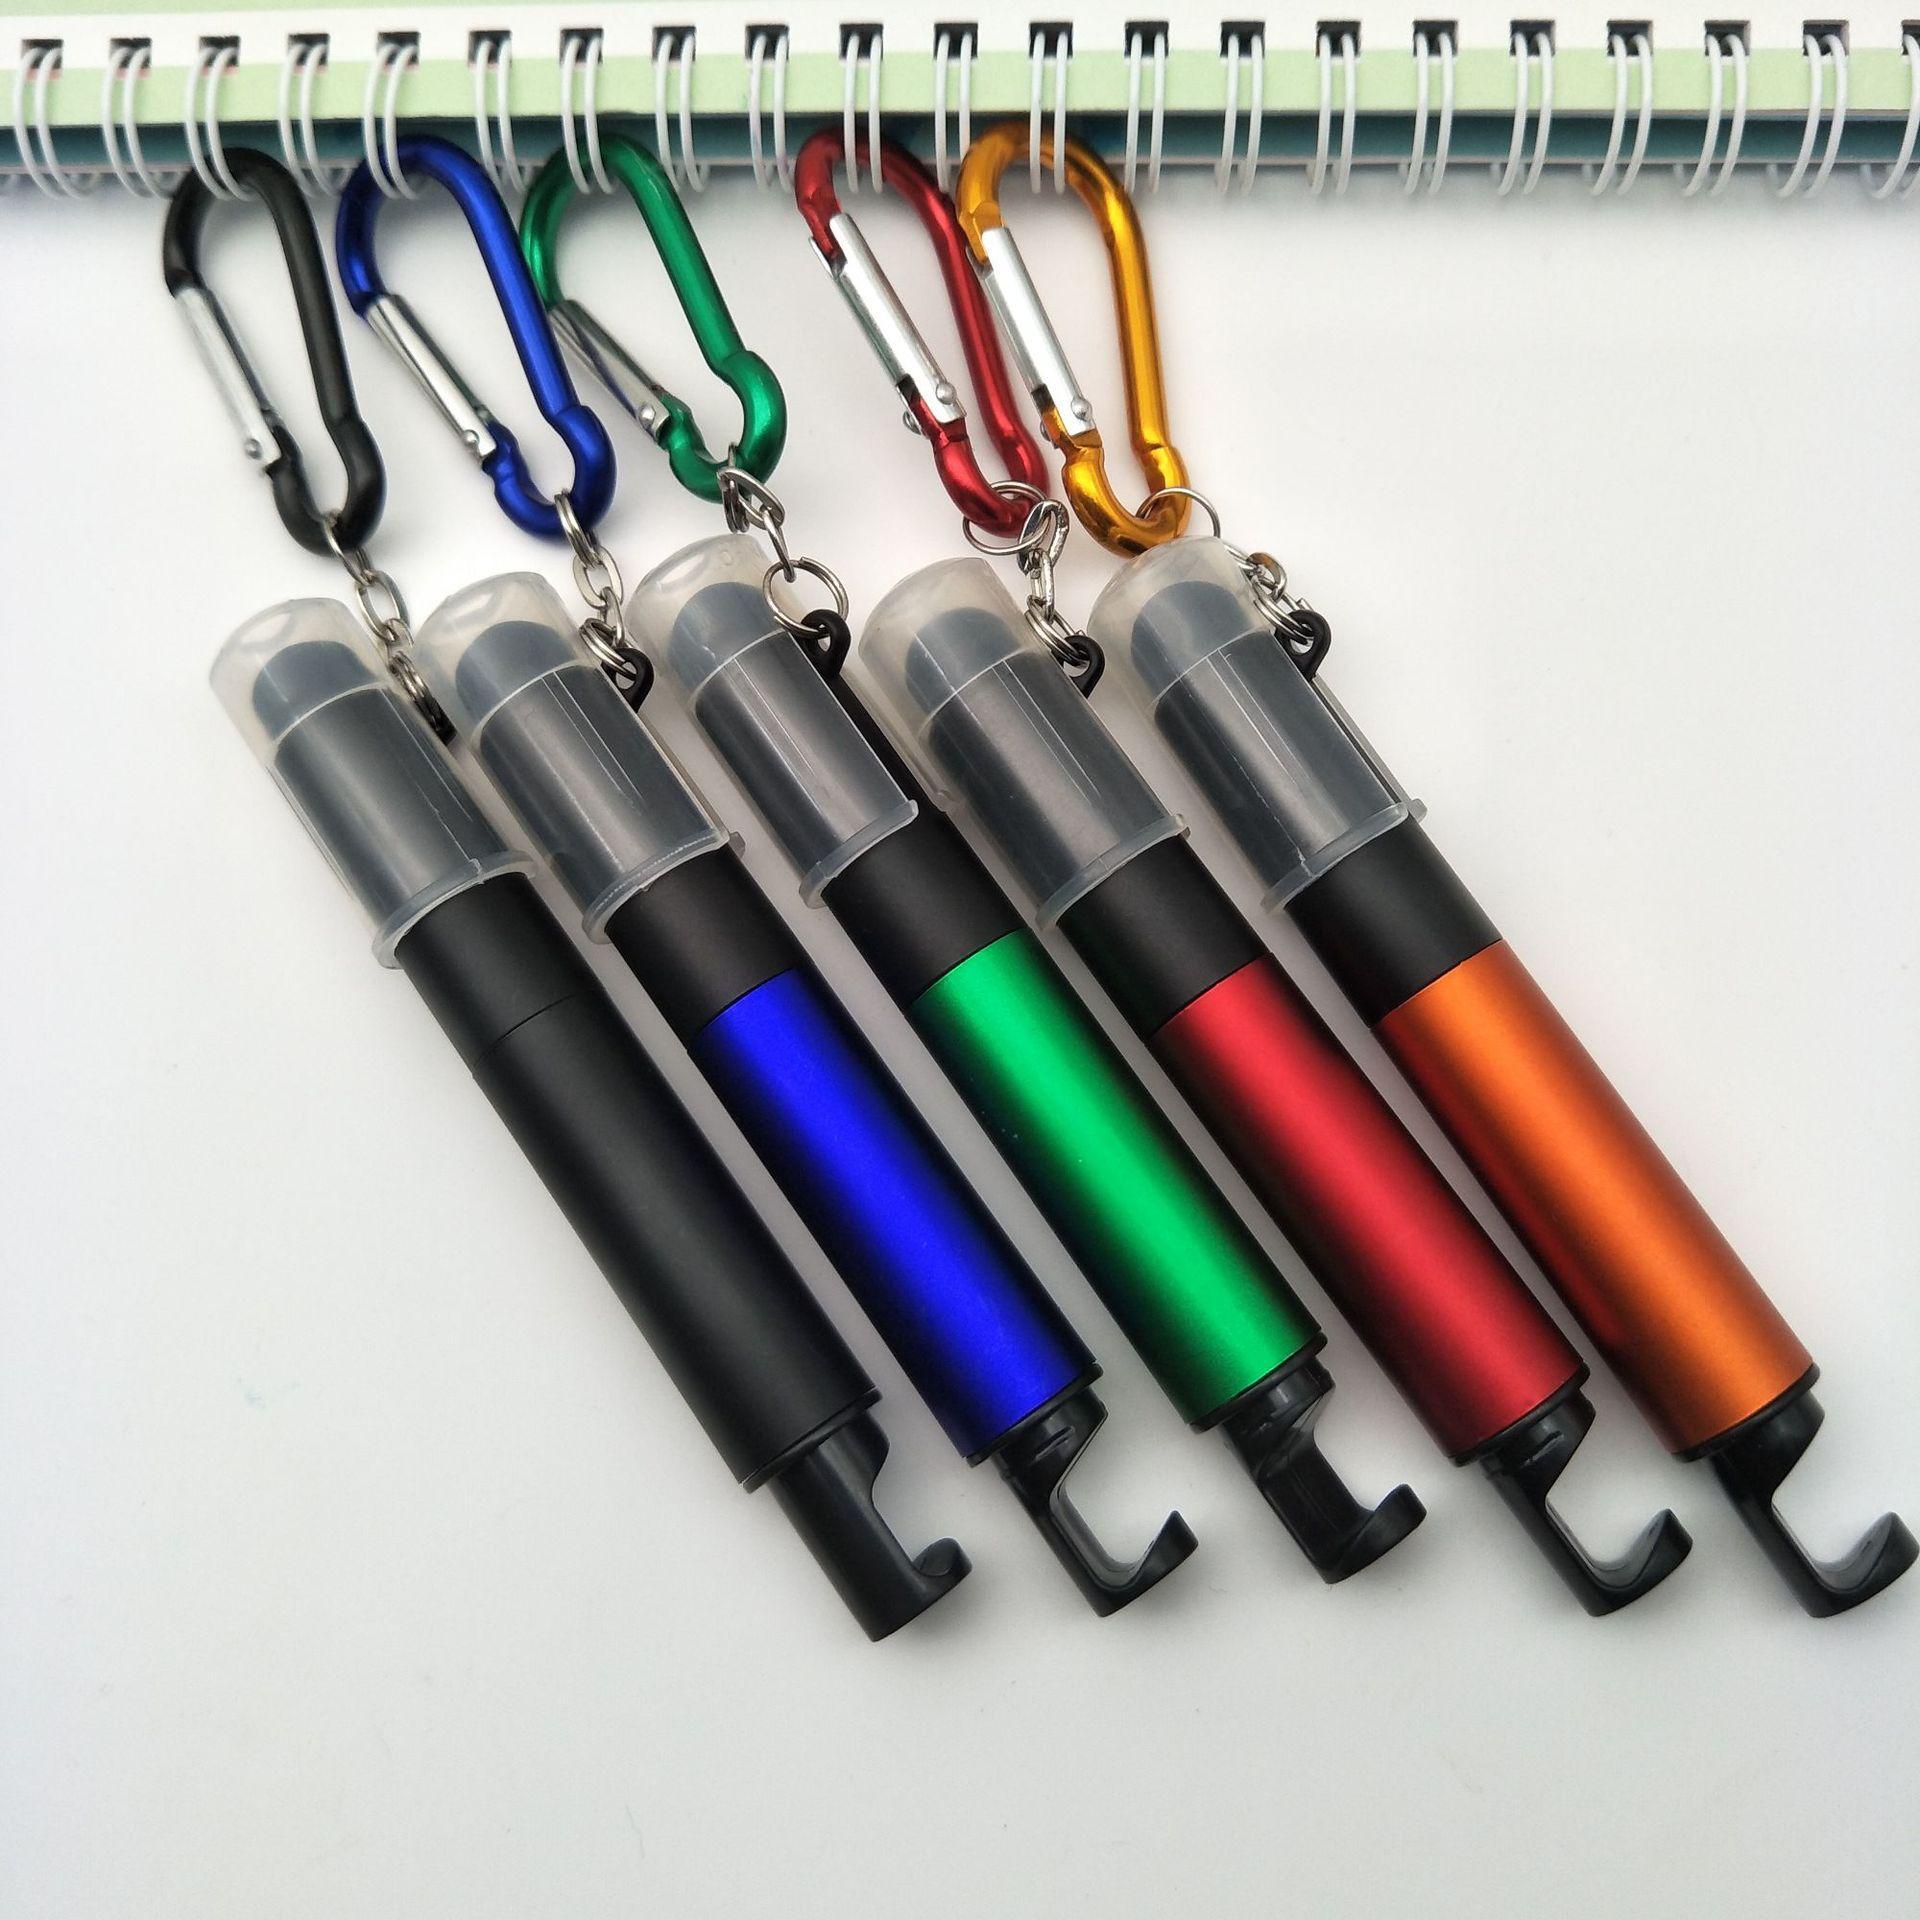 La vente directe à bille de support de téléphone mobile écran tactile boîte à lumière stylo montagne stylo lumineux bouton stylo boîtier de la lampe